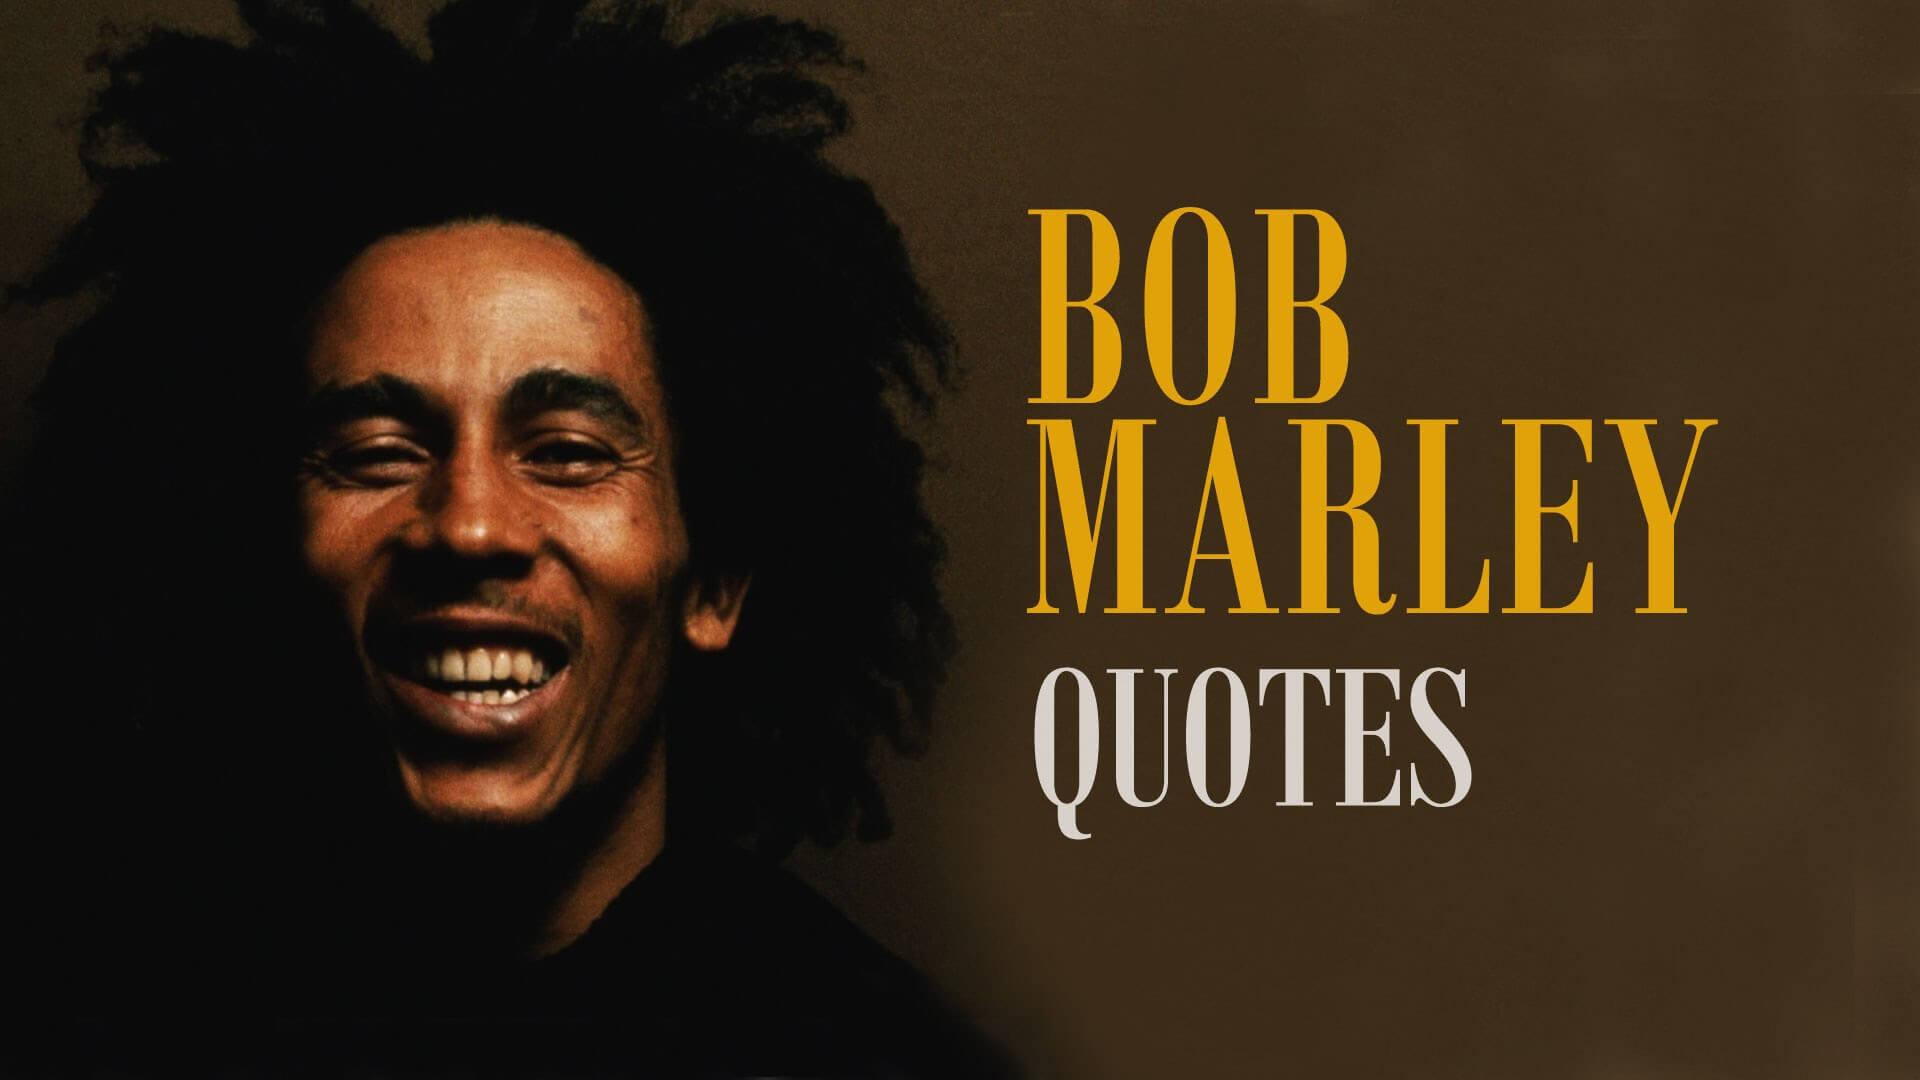 Bob-Marley-Quotes and saying